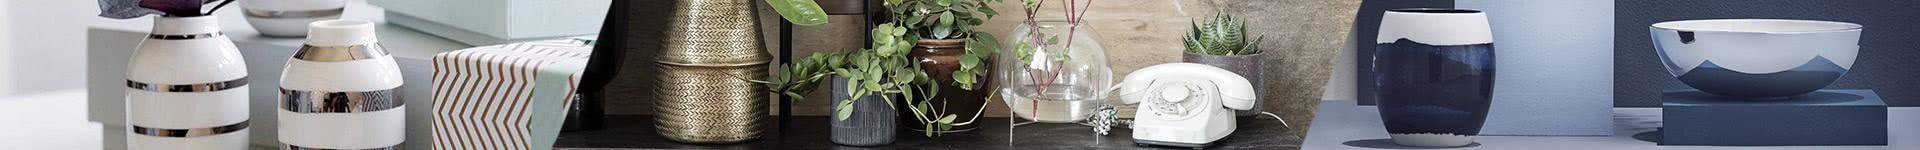 Skønne vaser